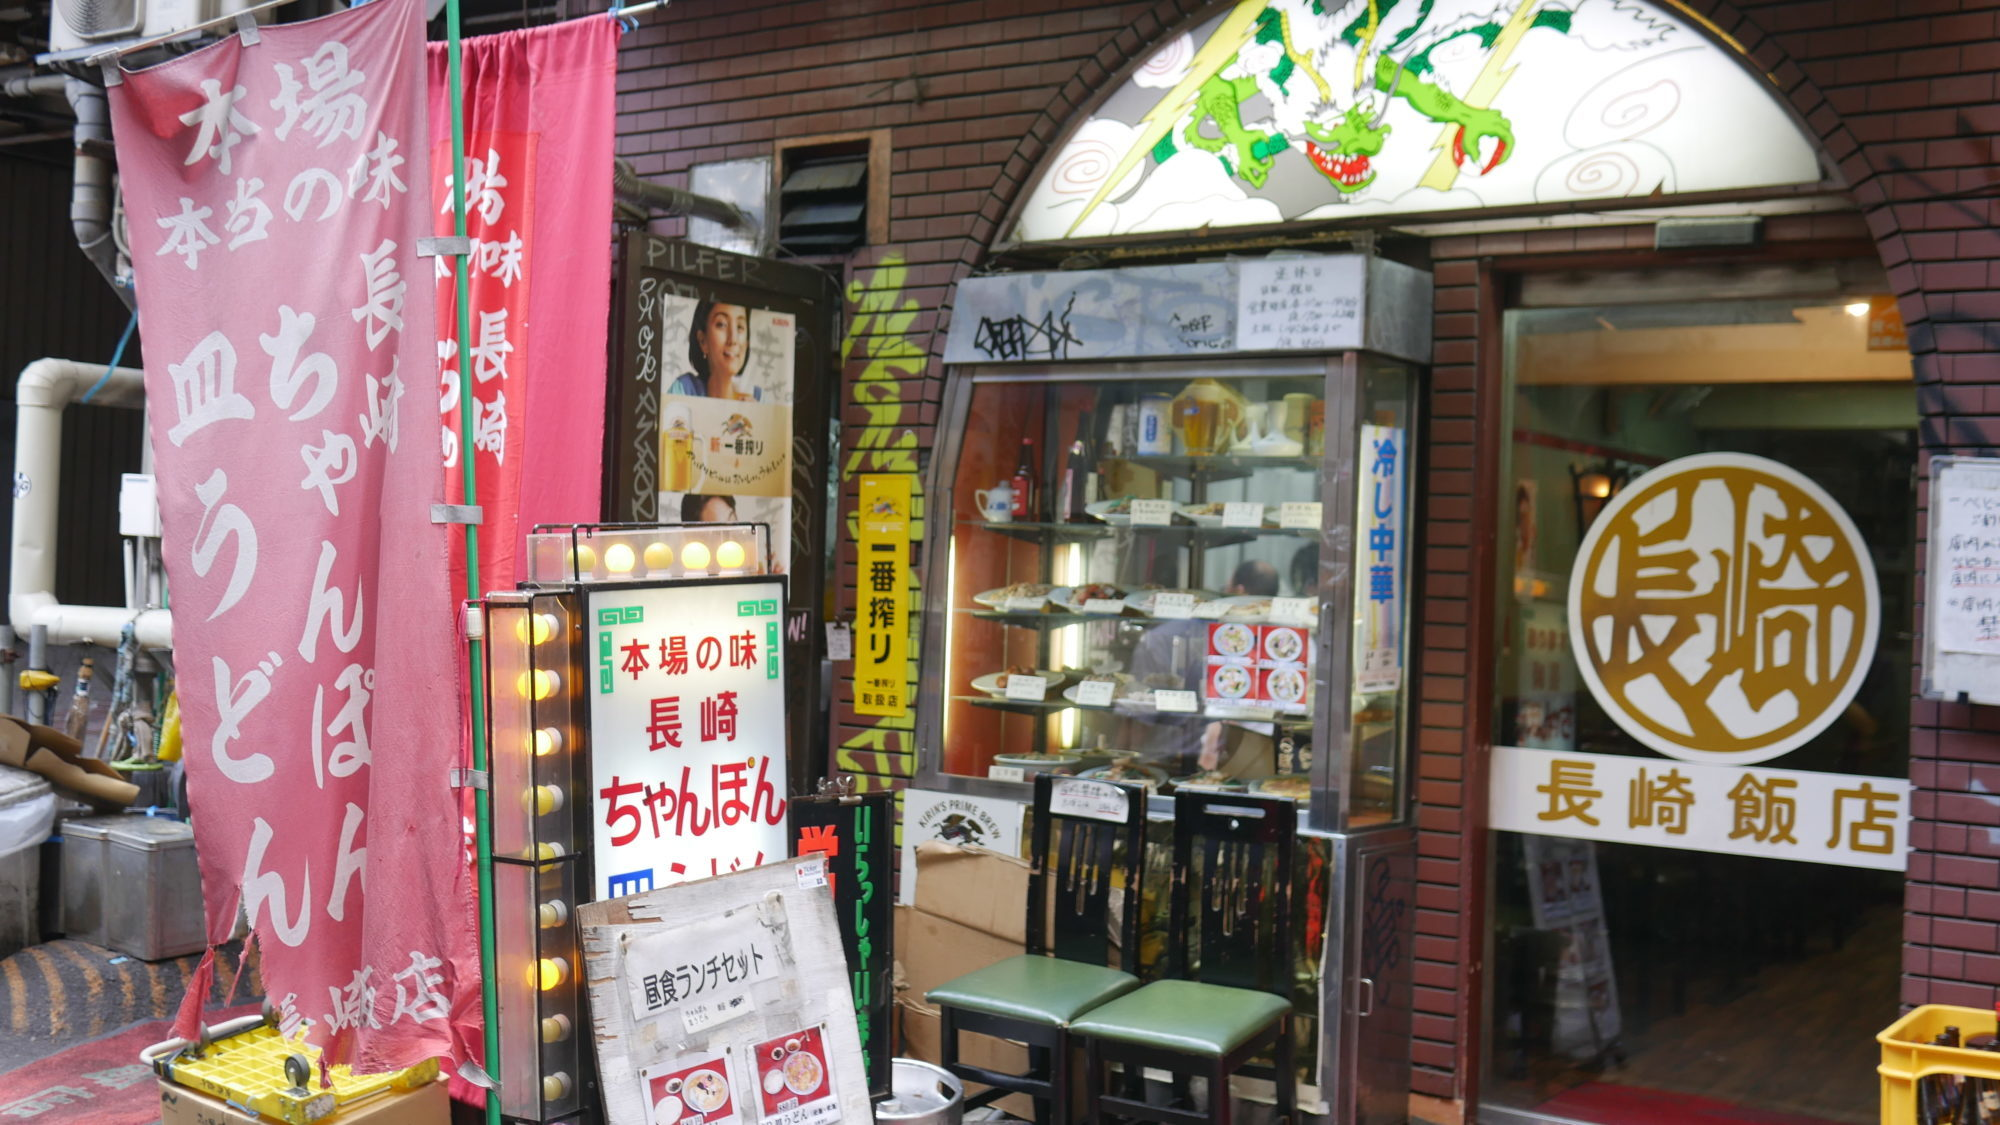 長崎飯店渋谷店アイキャッチ